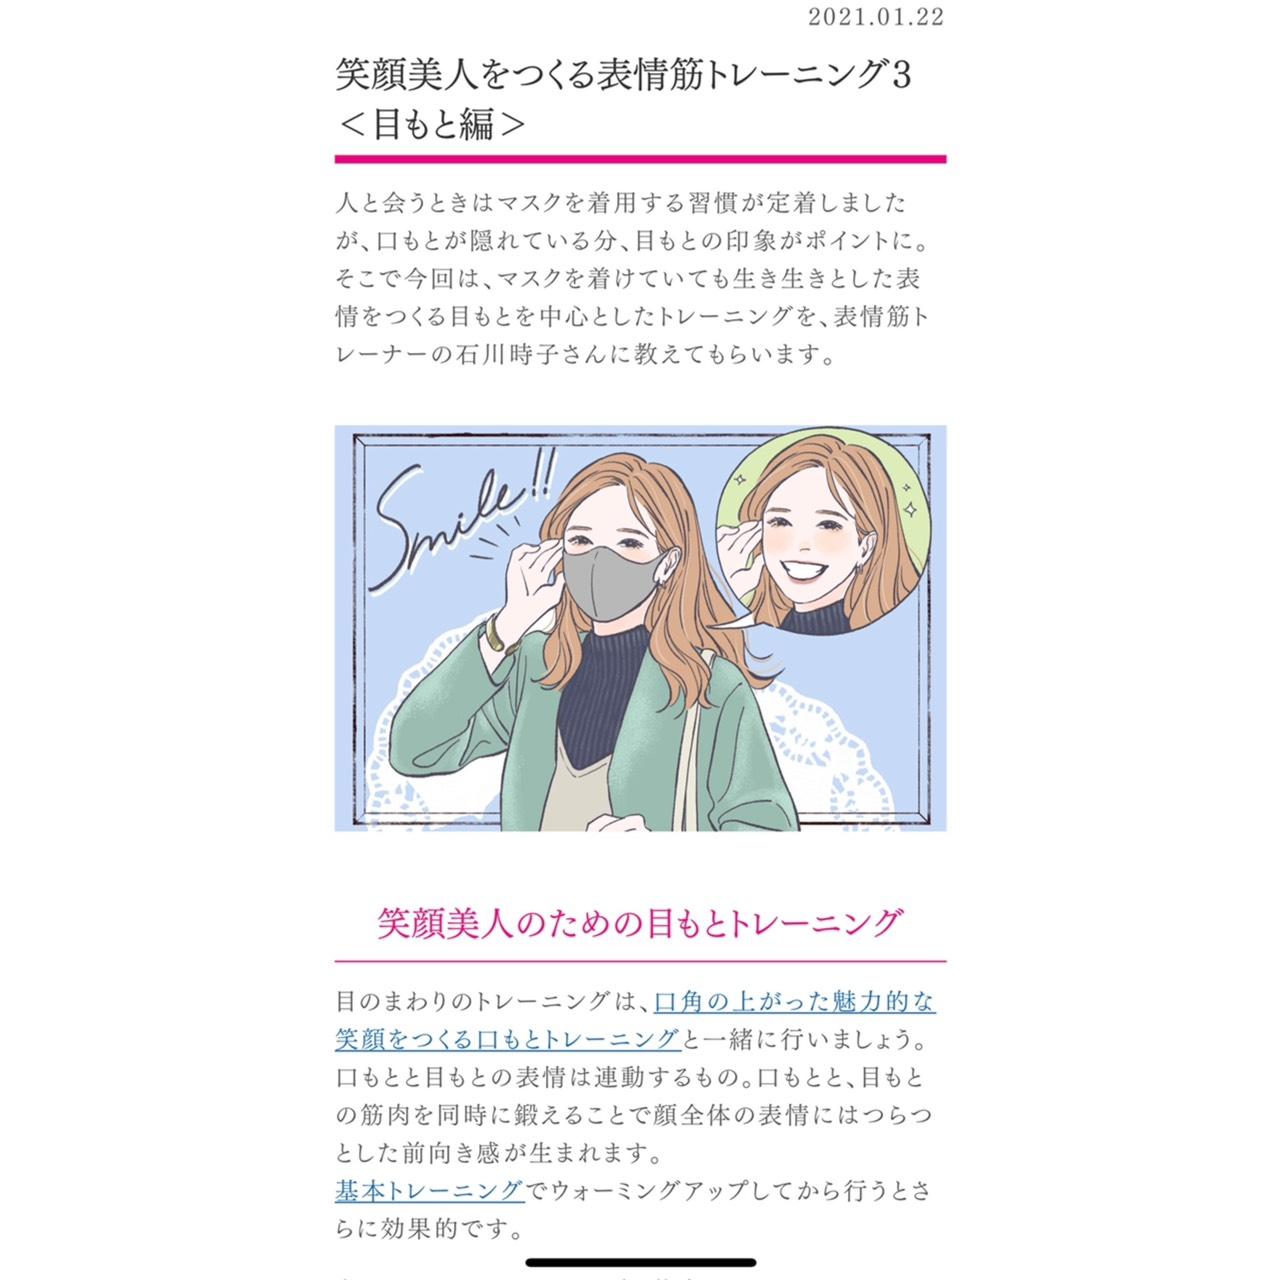 カネボウ掲載記事(表情筋トレーニング